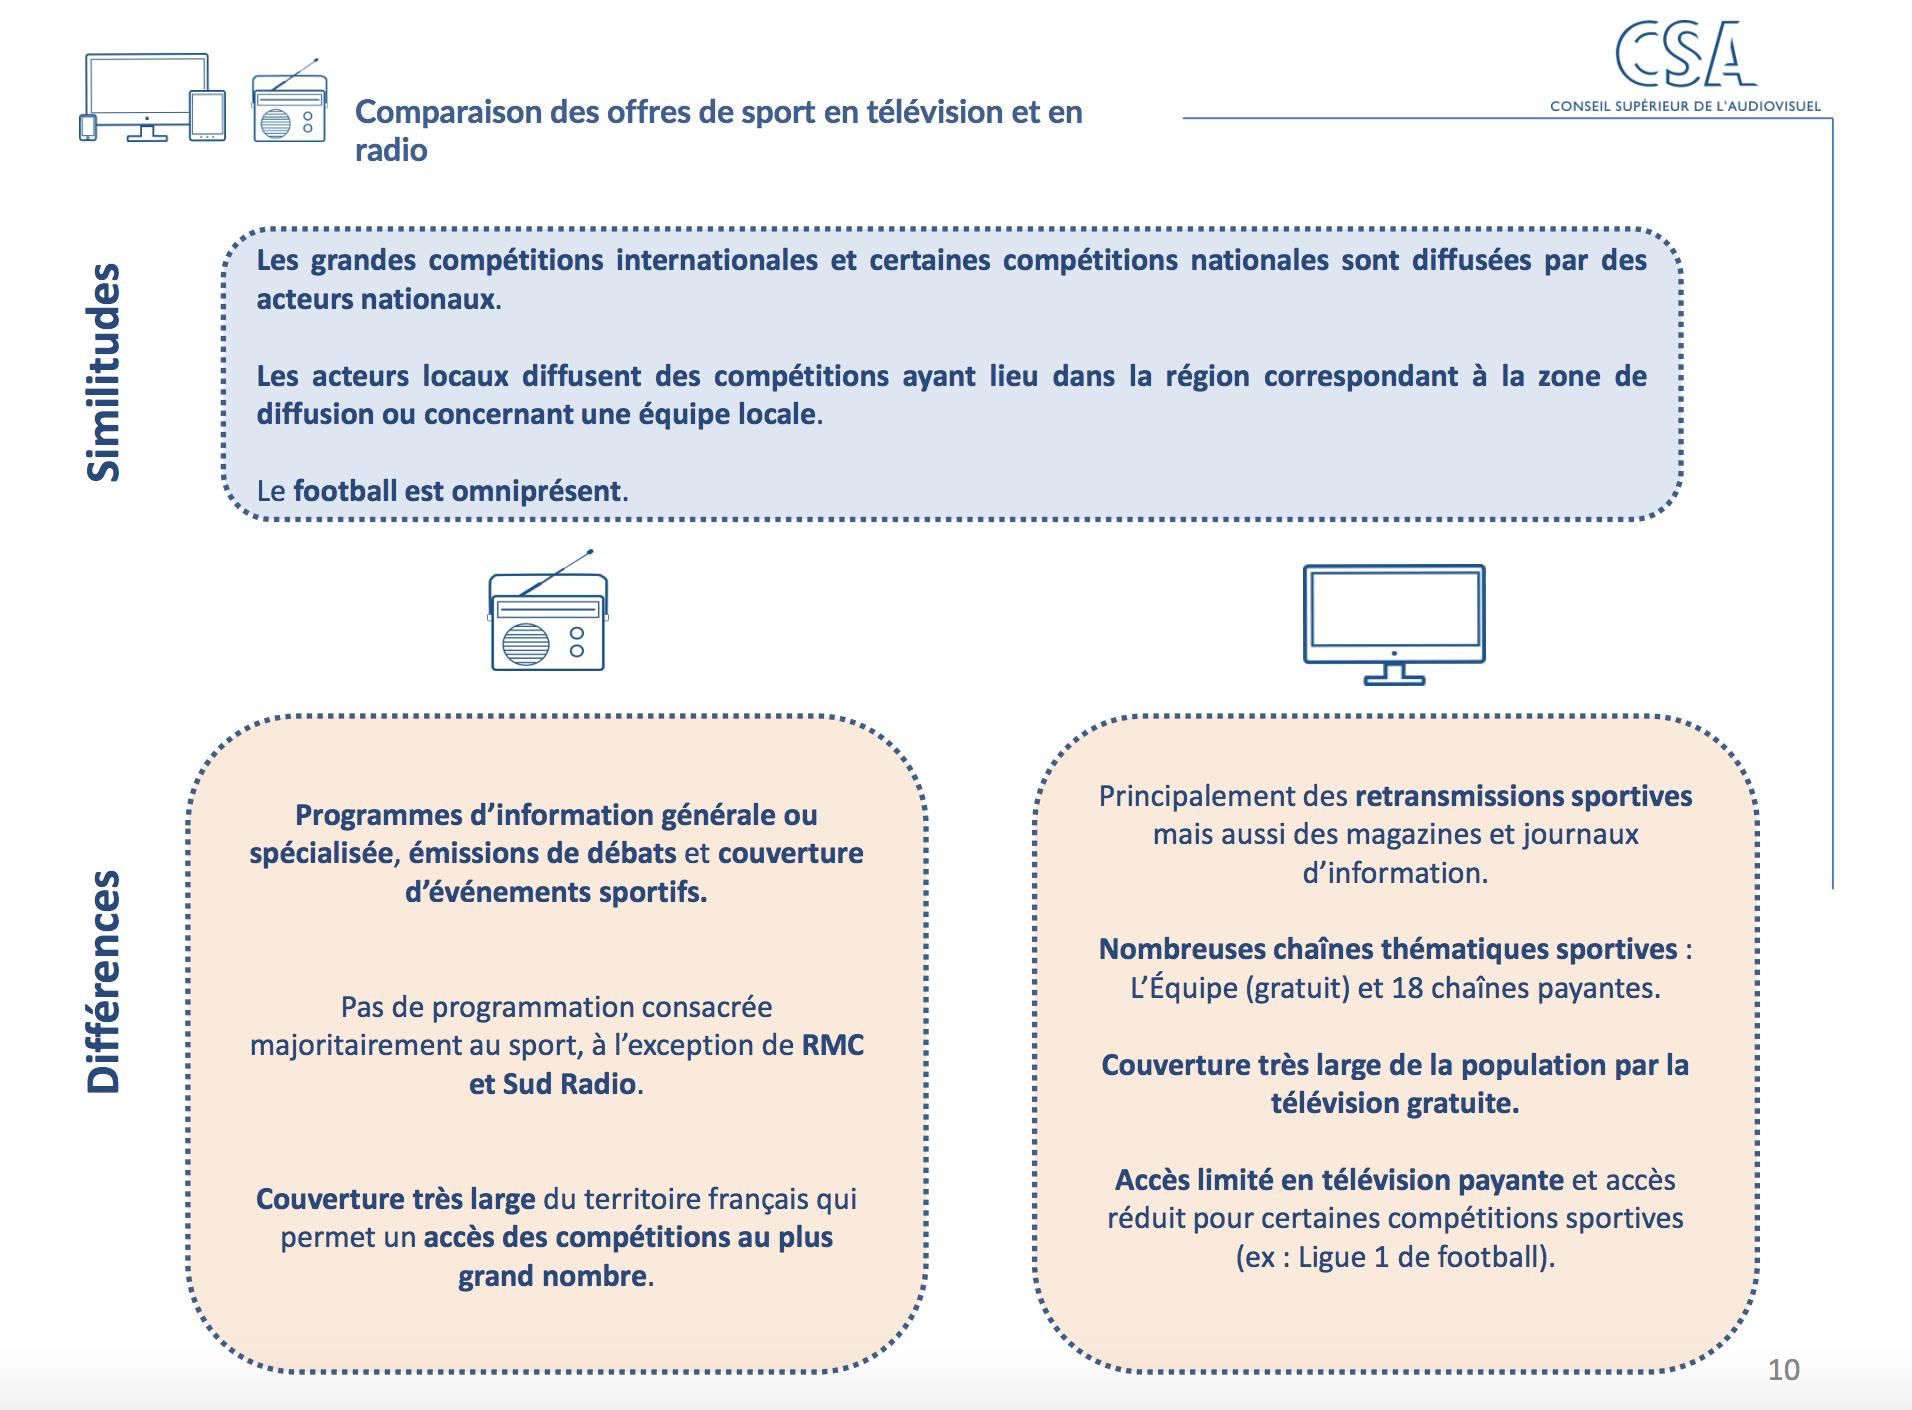 Des chiffres clés sur les contenus sportifs audiovisuels